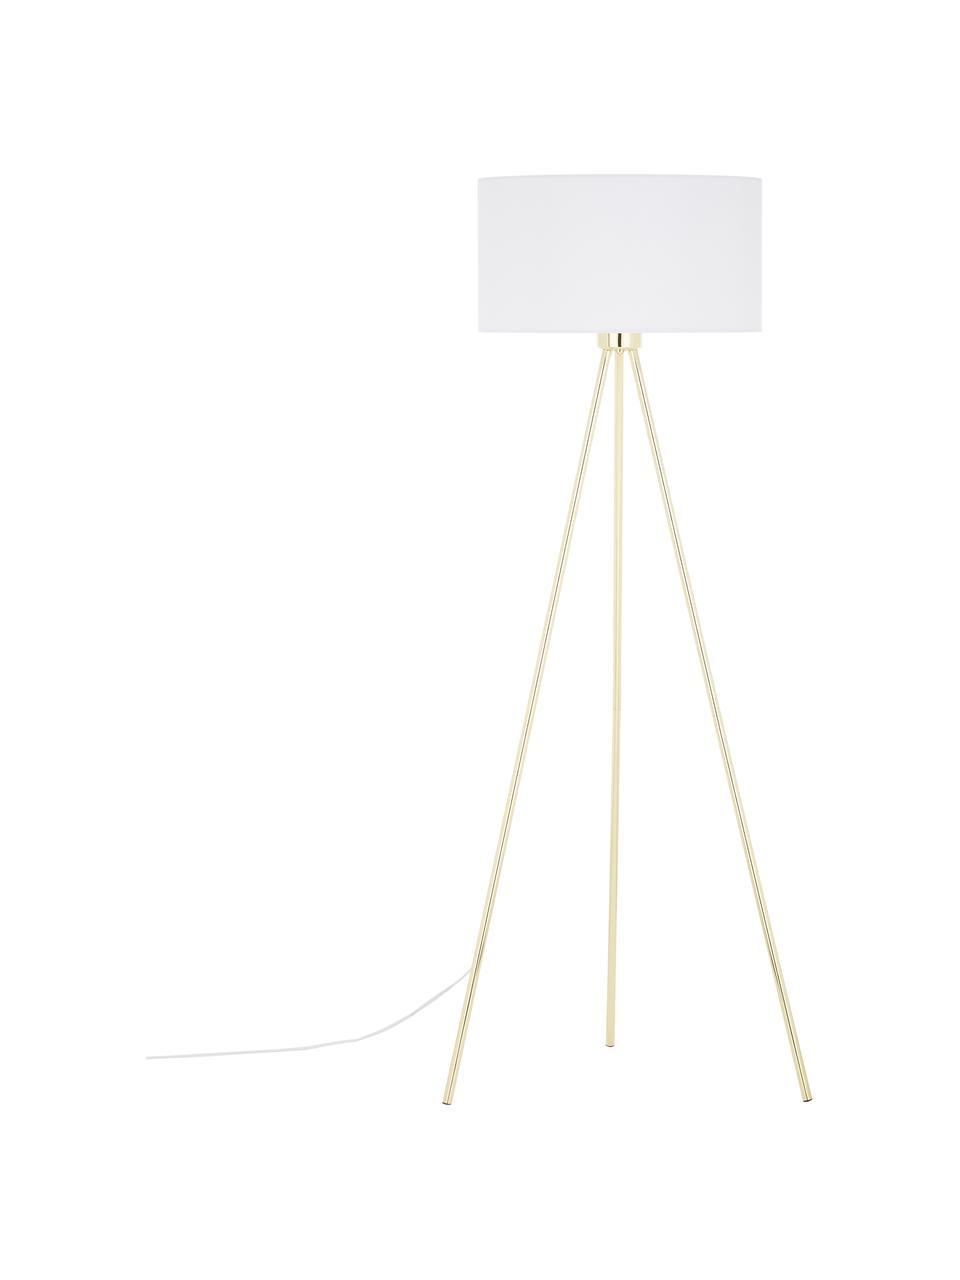 Tripod Stehlampe Cella mit Stoffschirm, Lampenschirm: Baumwollgeschmisch, Lampenfuß: Metall, Lampenfuß: Goldfarben, glänzendLampenschirm: Weiß, Ø 48 x H 158 cm